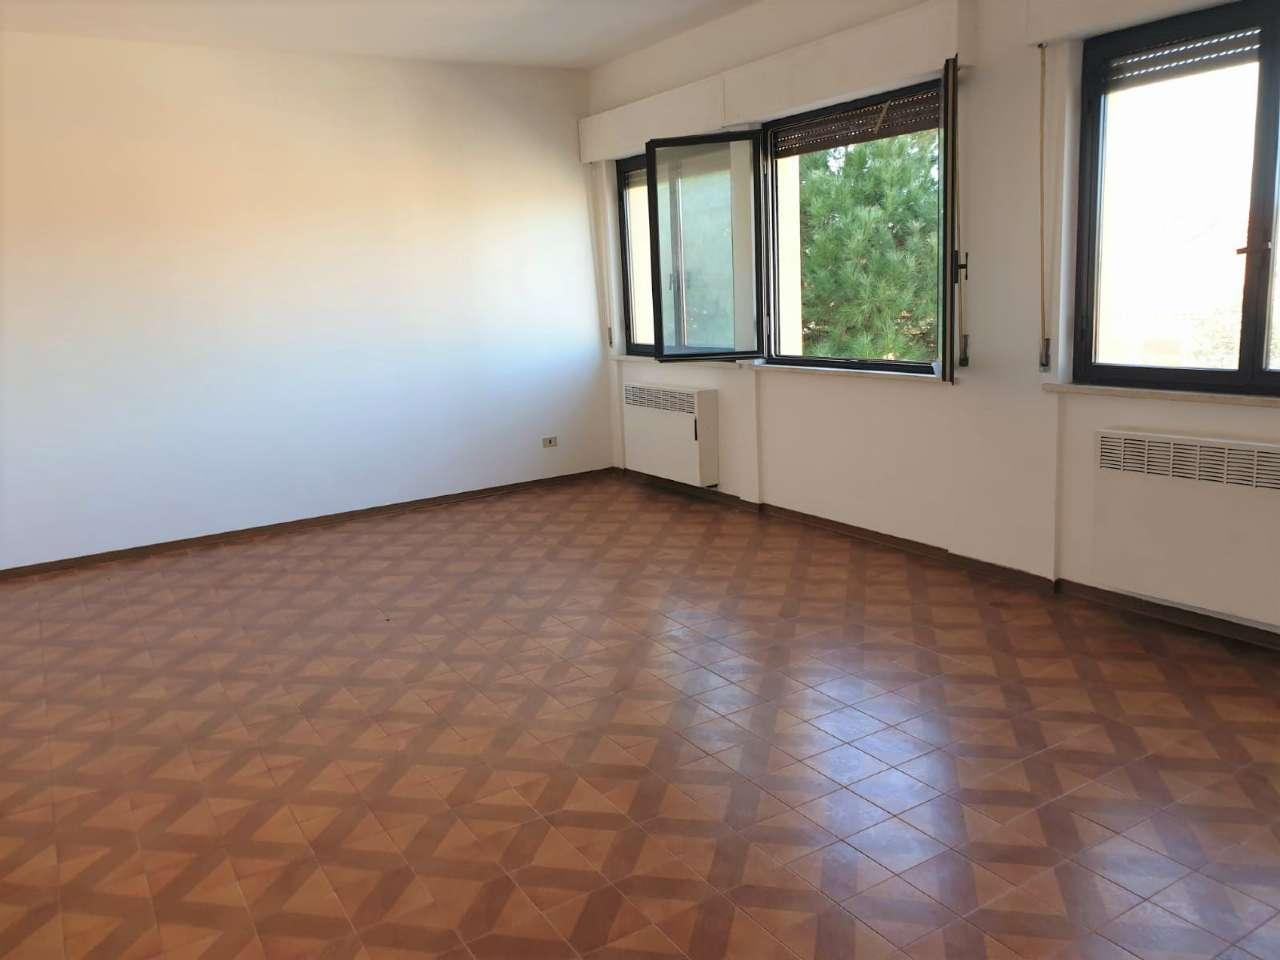 Appartamento in vendita a Agugliano, 3 locali, prezzo € 58.000   CambioCasa.it